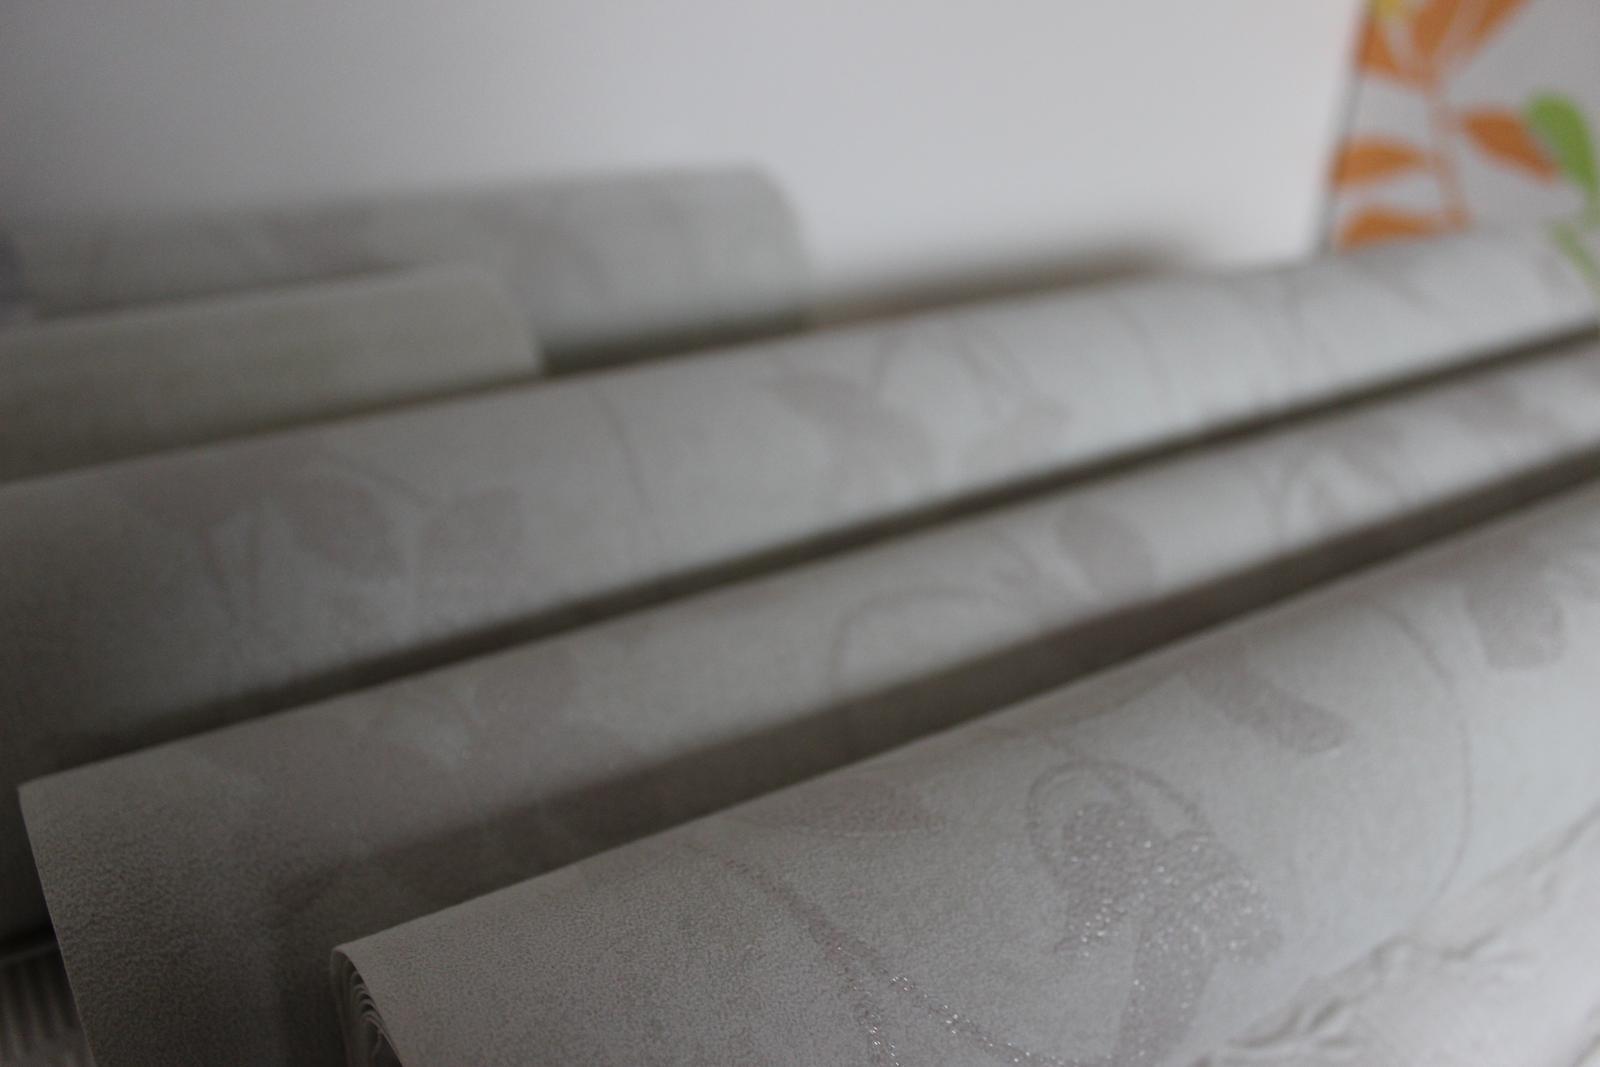 Šedozelenkavá vliesová tapeta, jemný vzor, 14m - Obrázok č. 1